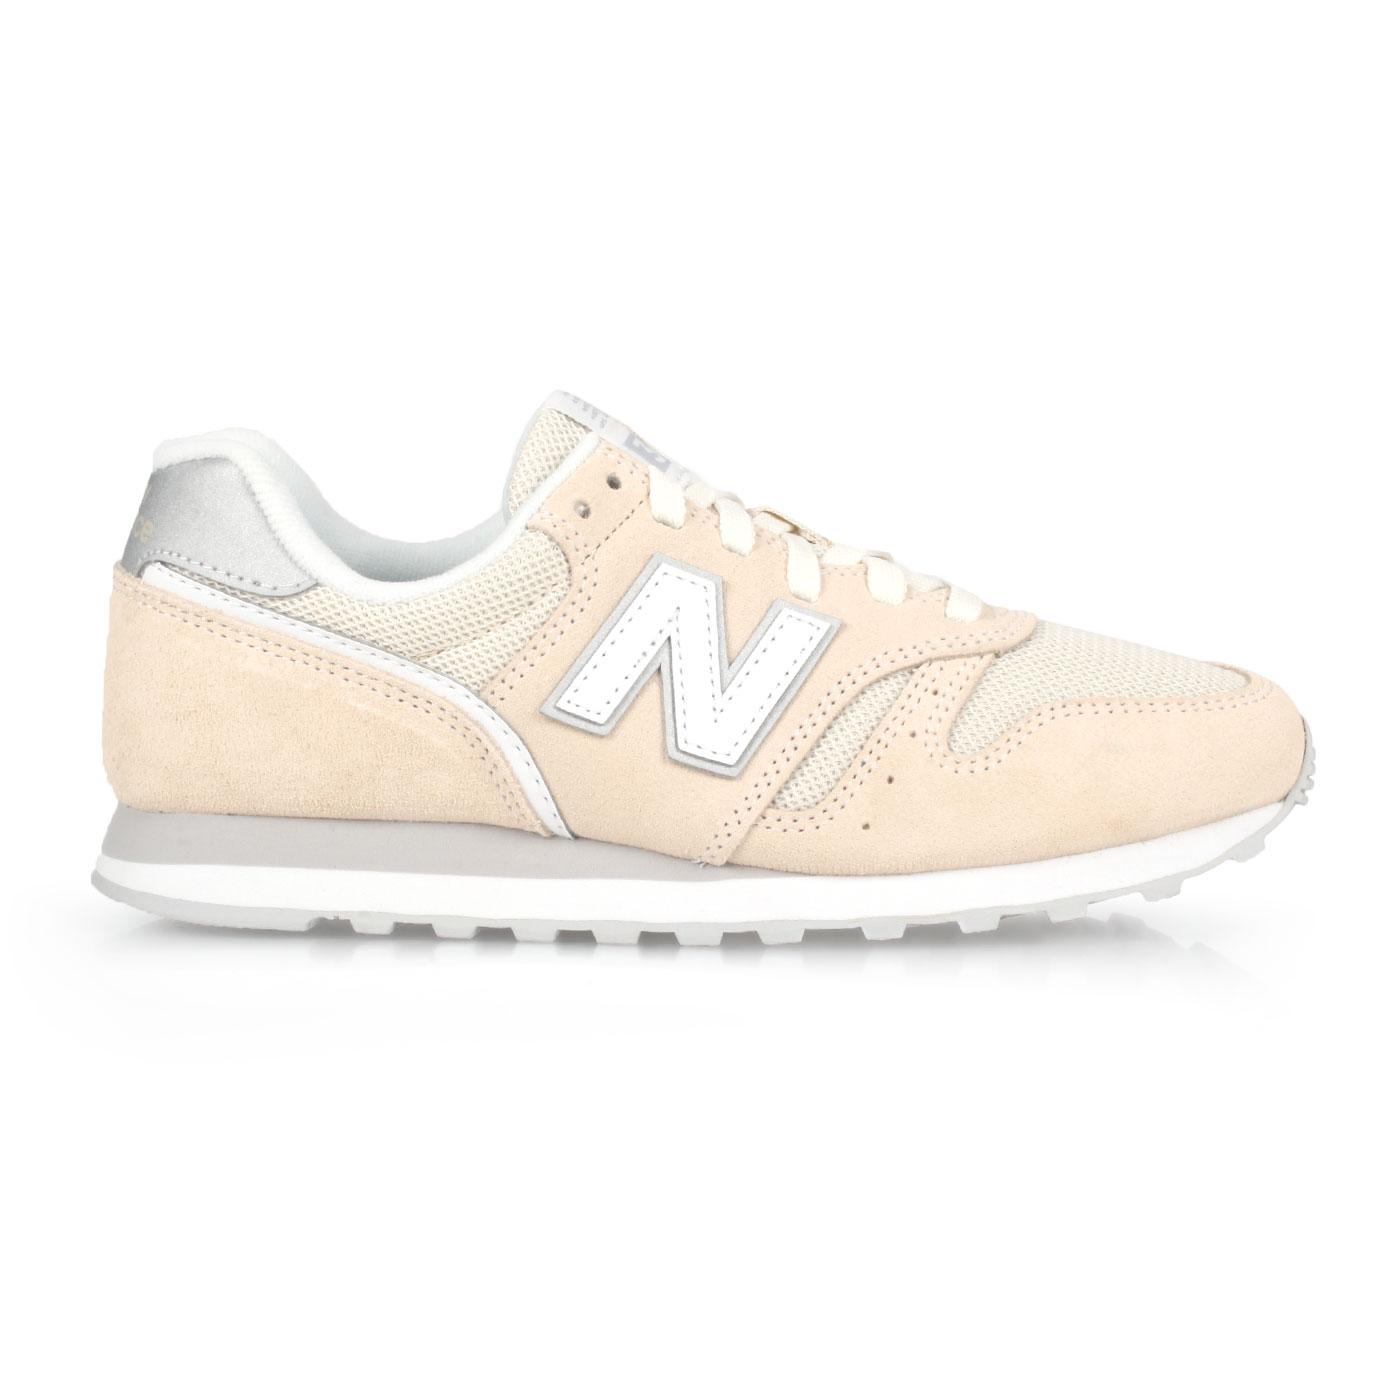 NEW BALANCE 女款復古慢跑鞋 WL373AB2 - 米黃白銀